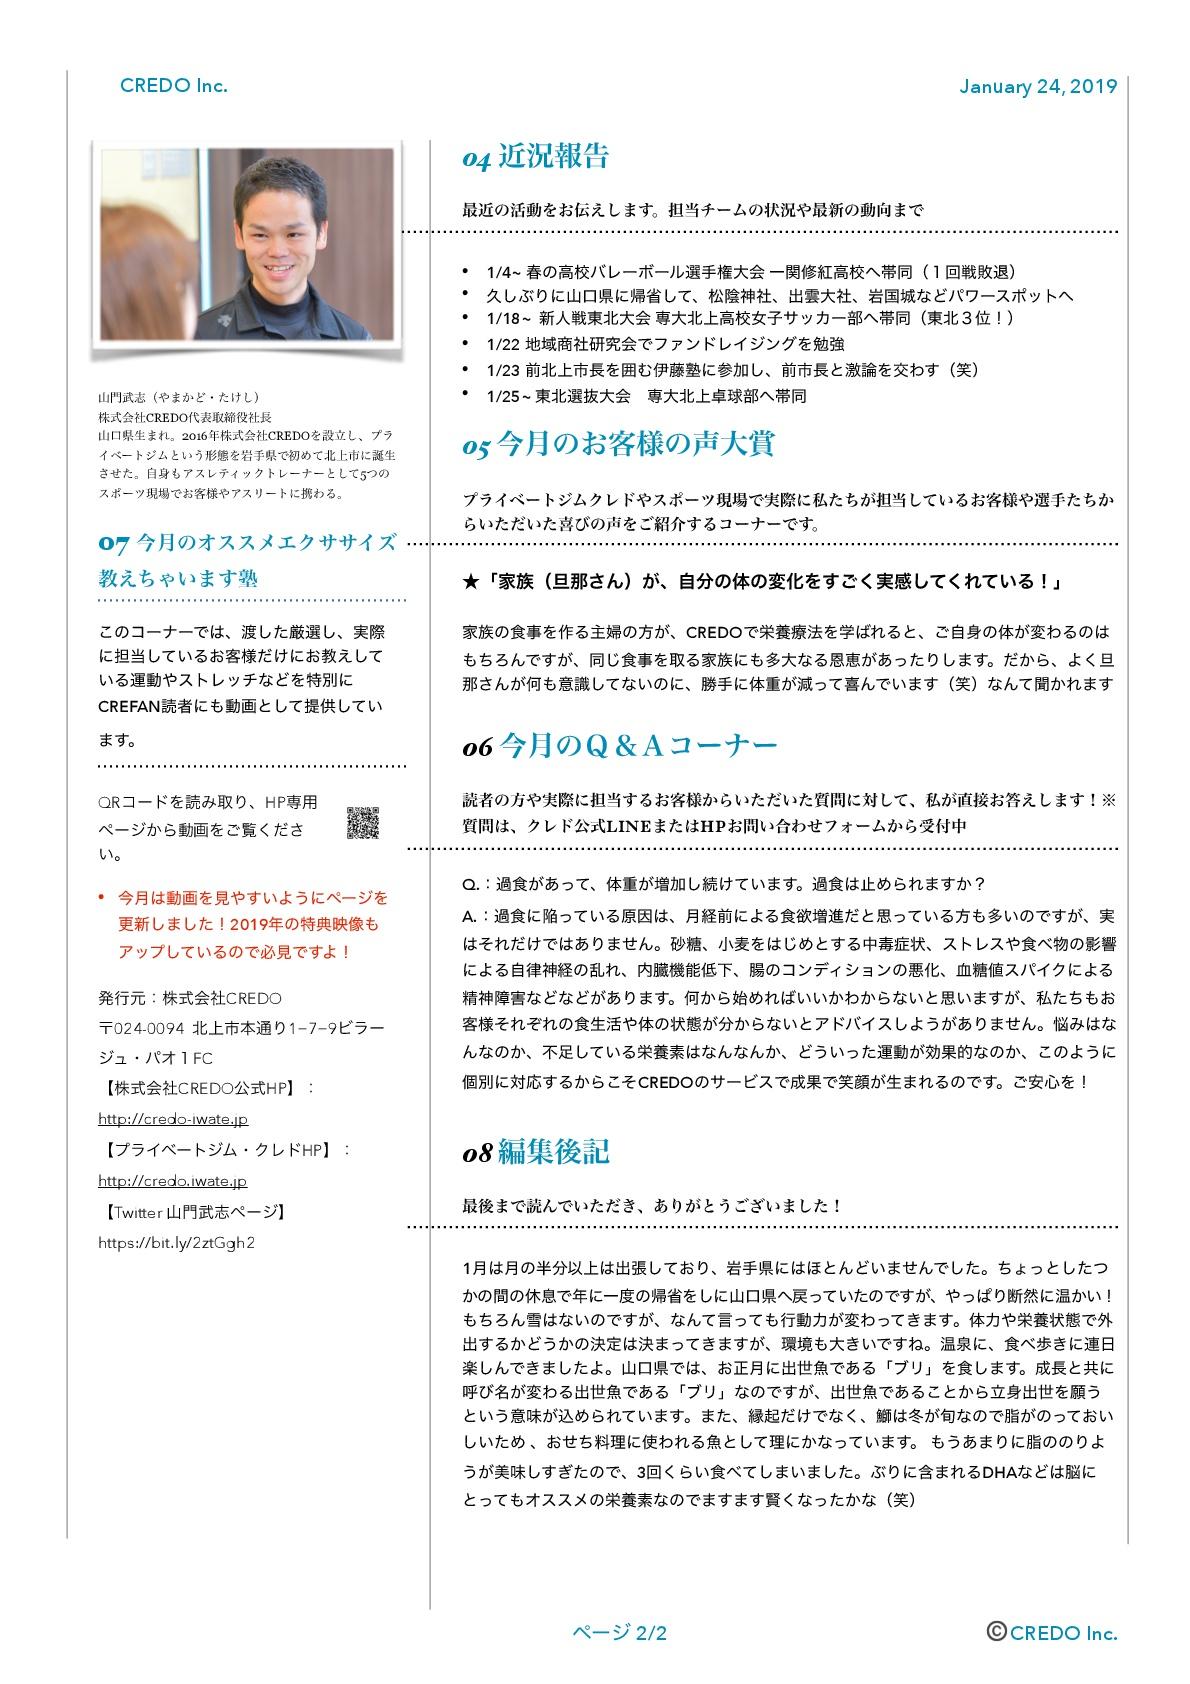 山門武志がオススメする最新情報<br/><span>〜無料月刊誌「社長、あなたの健康作ります。」〜</span><br/>2019年CREFAN2月号(2)